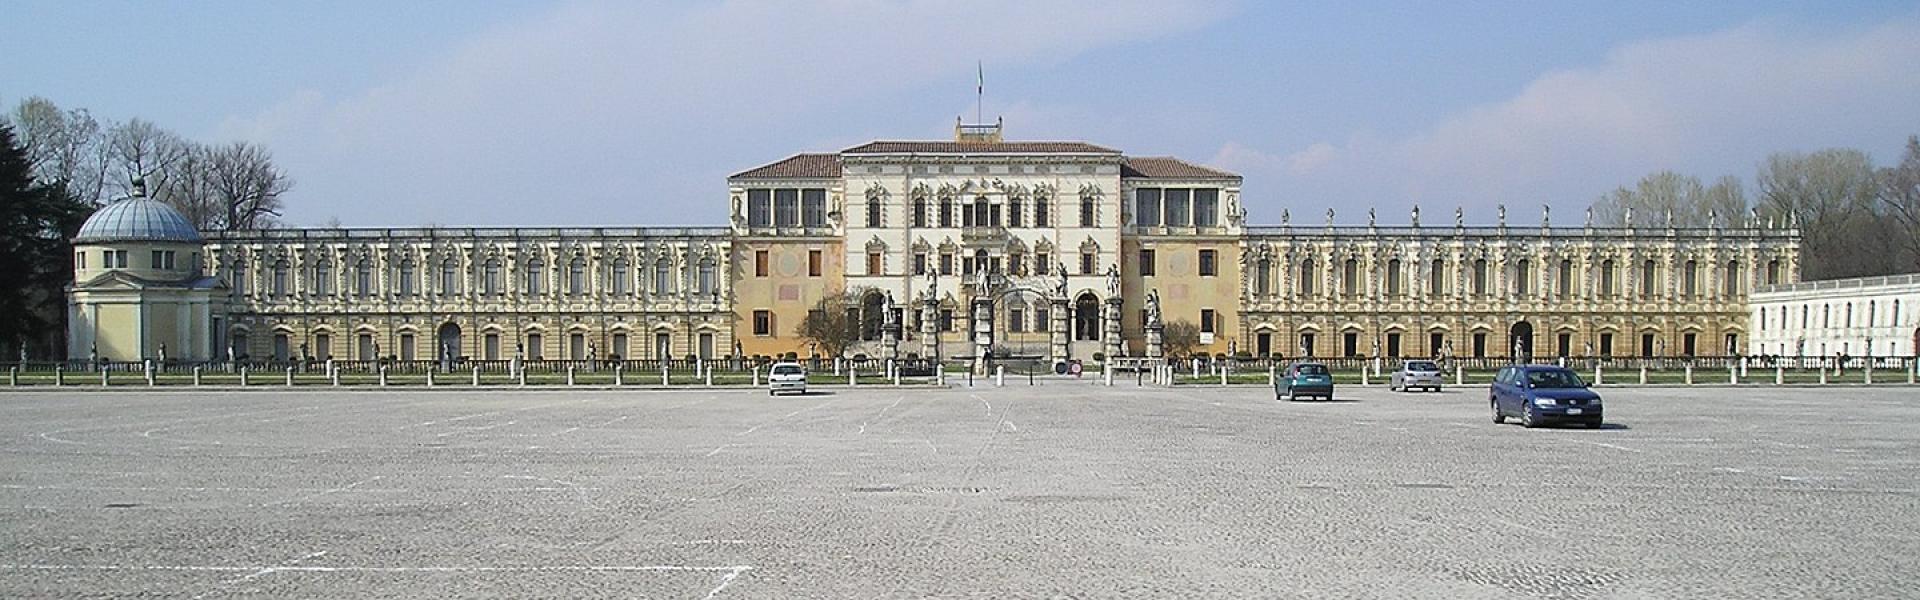 Piazzola sul Brenta, villa Contarini - Fondazione G.E. Ghirardi.